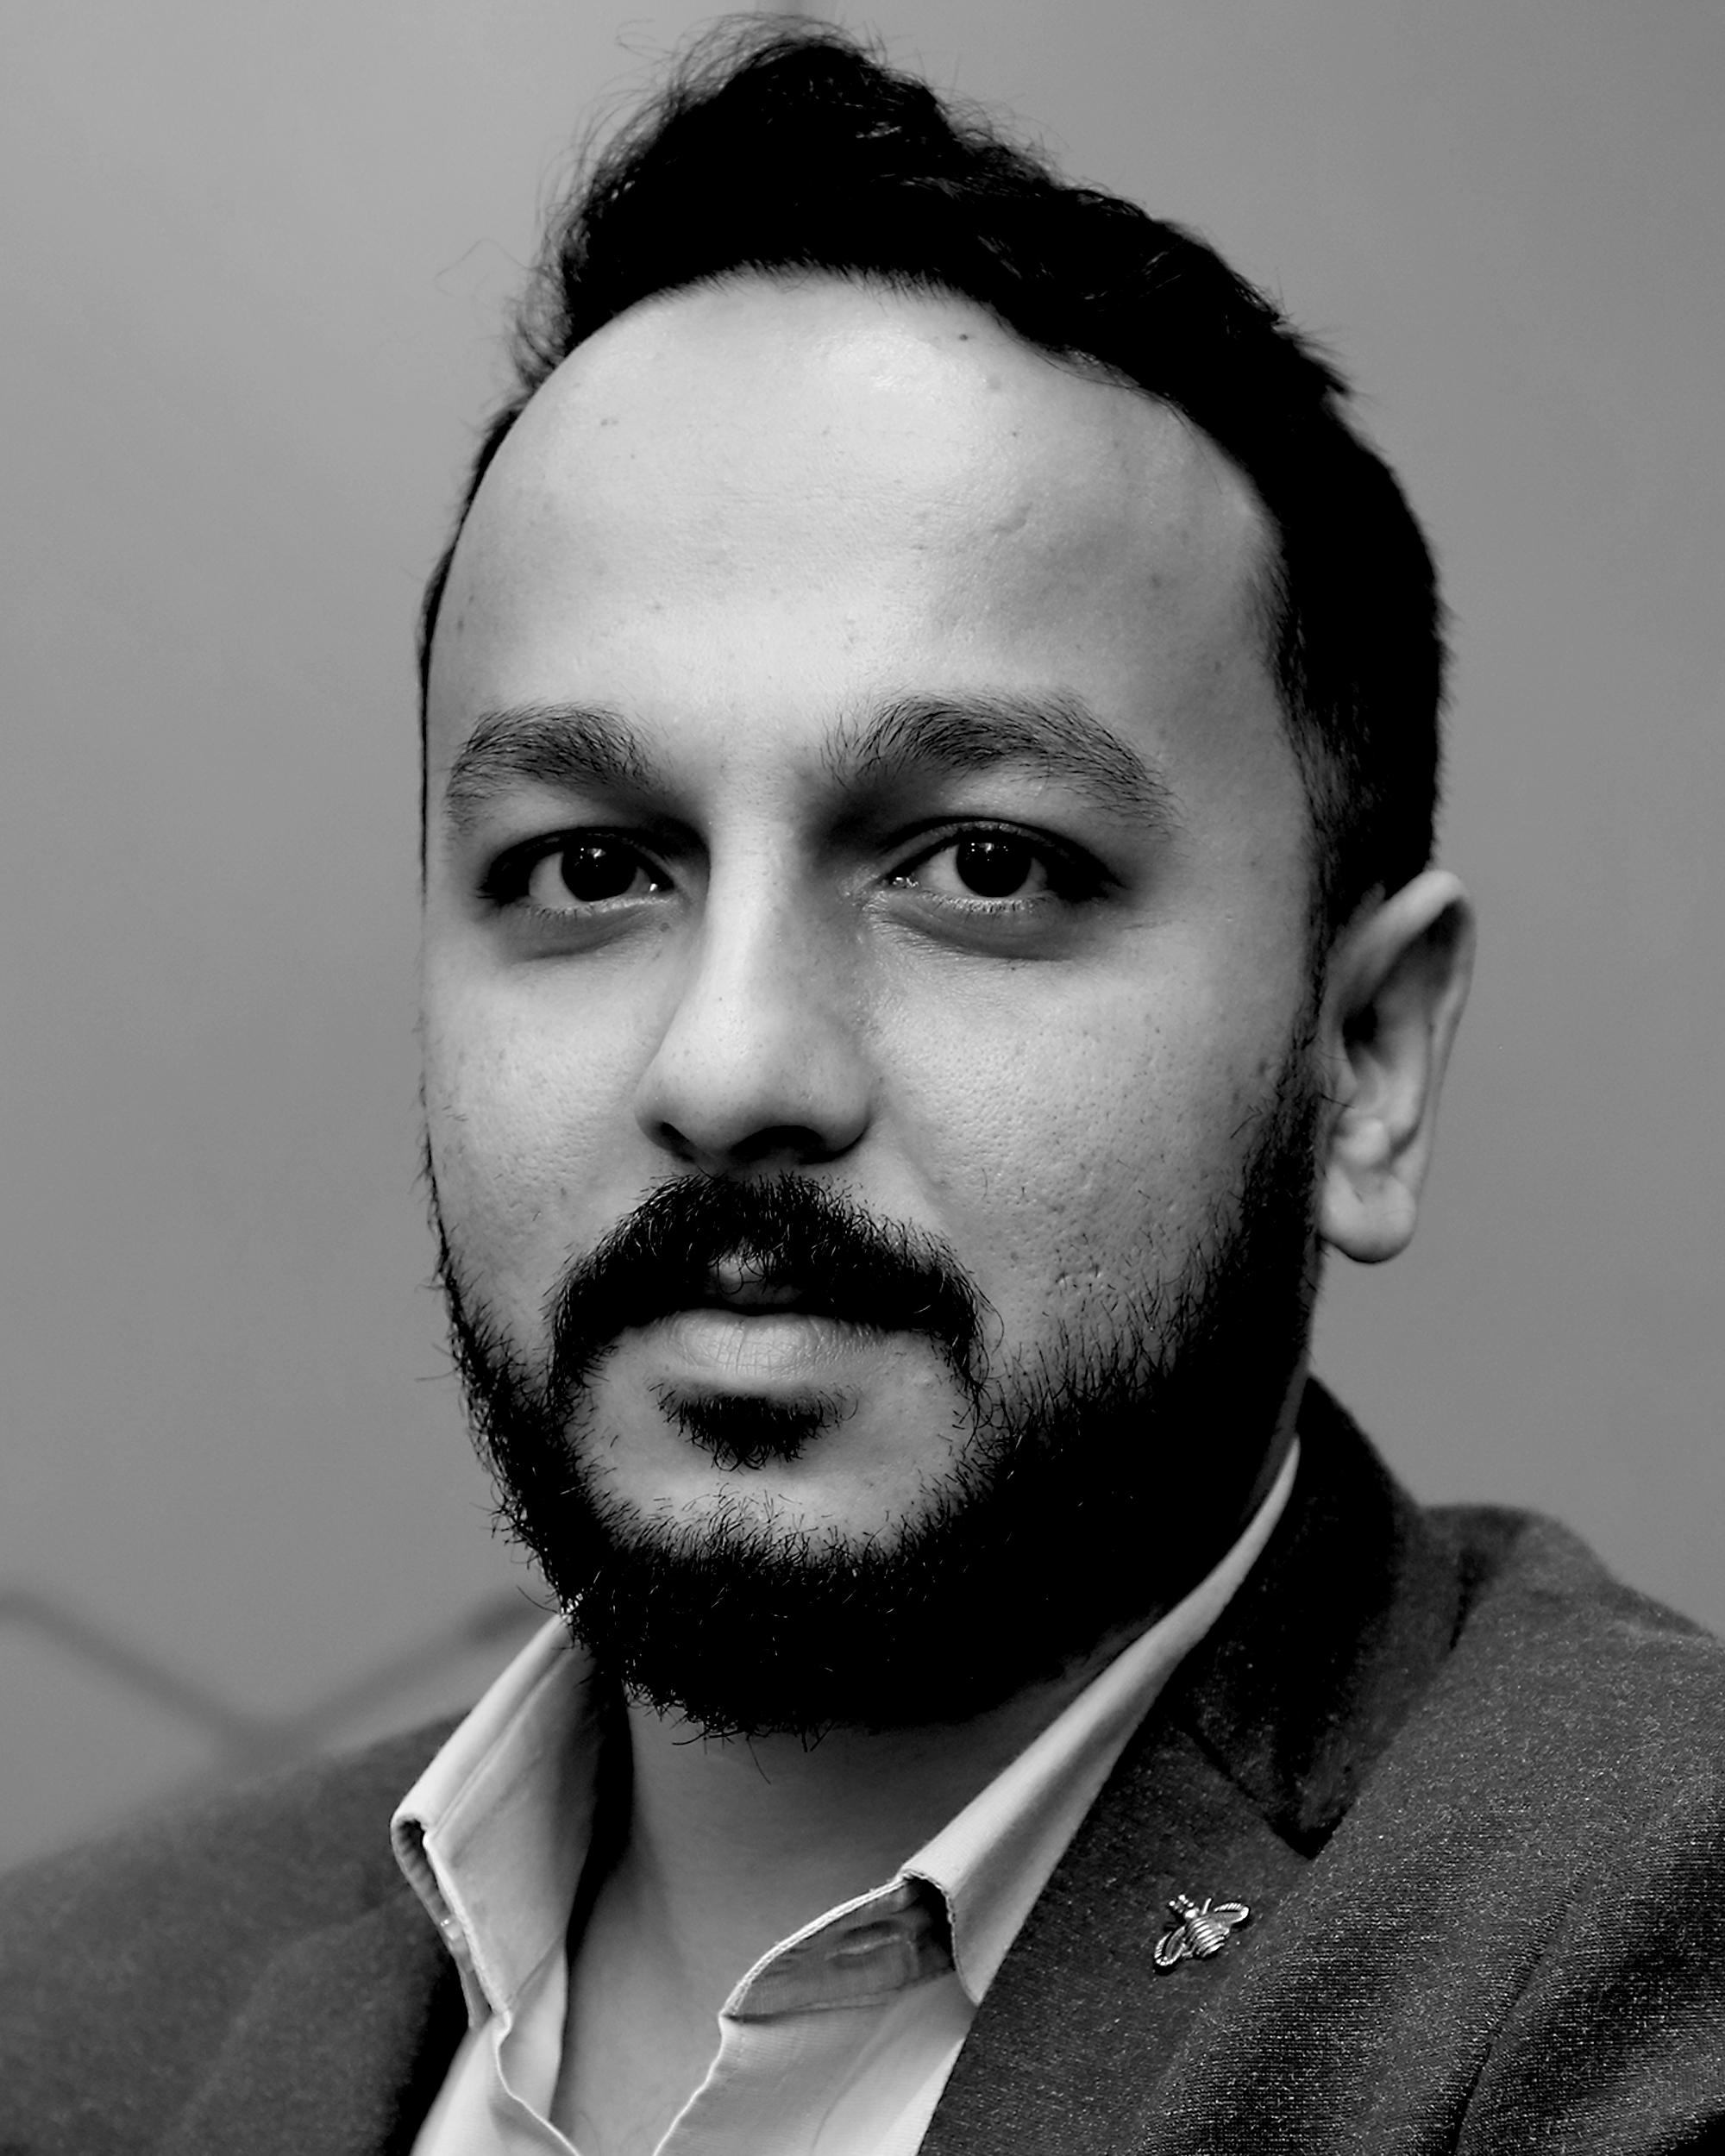 Headshot of Aadish Nargunde